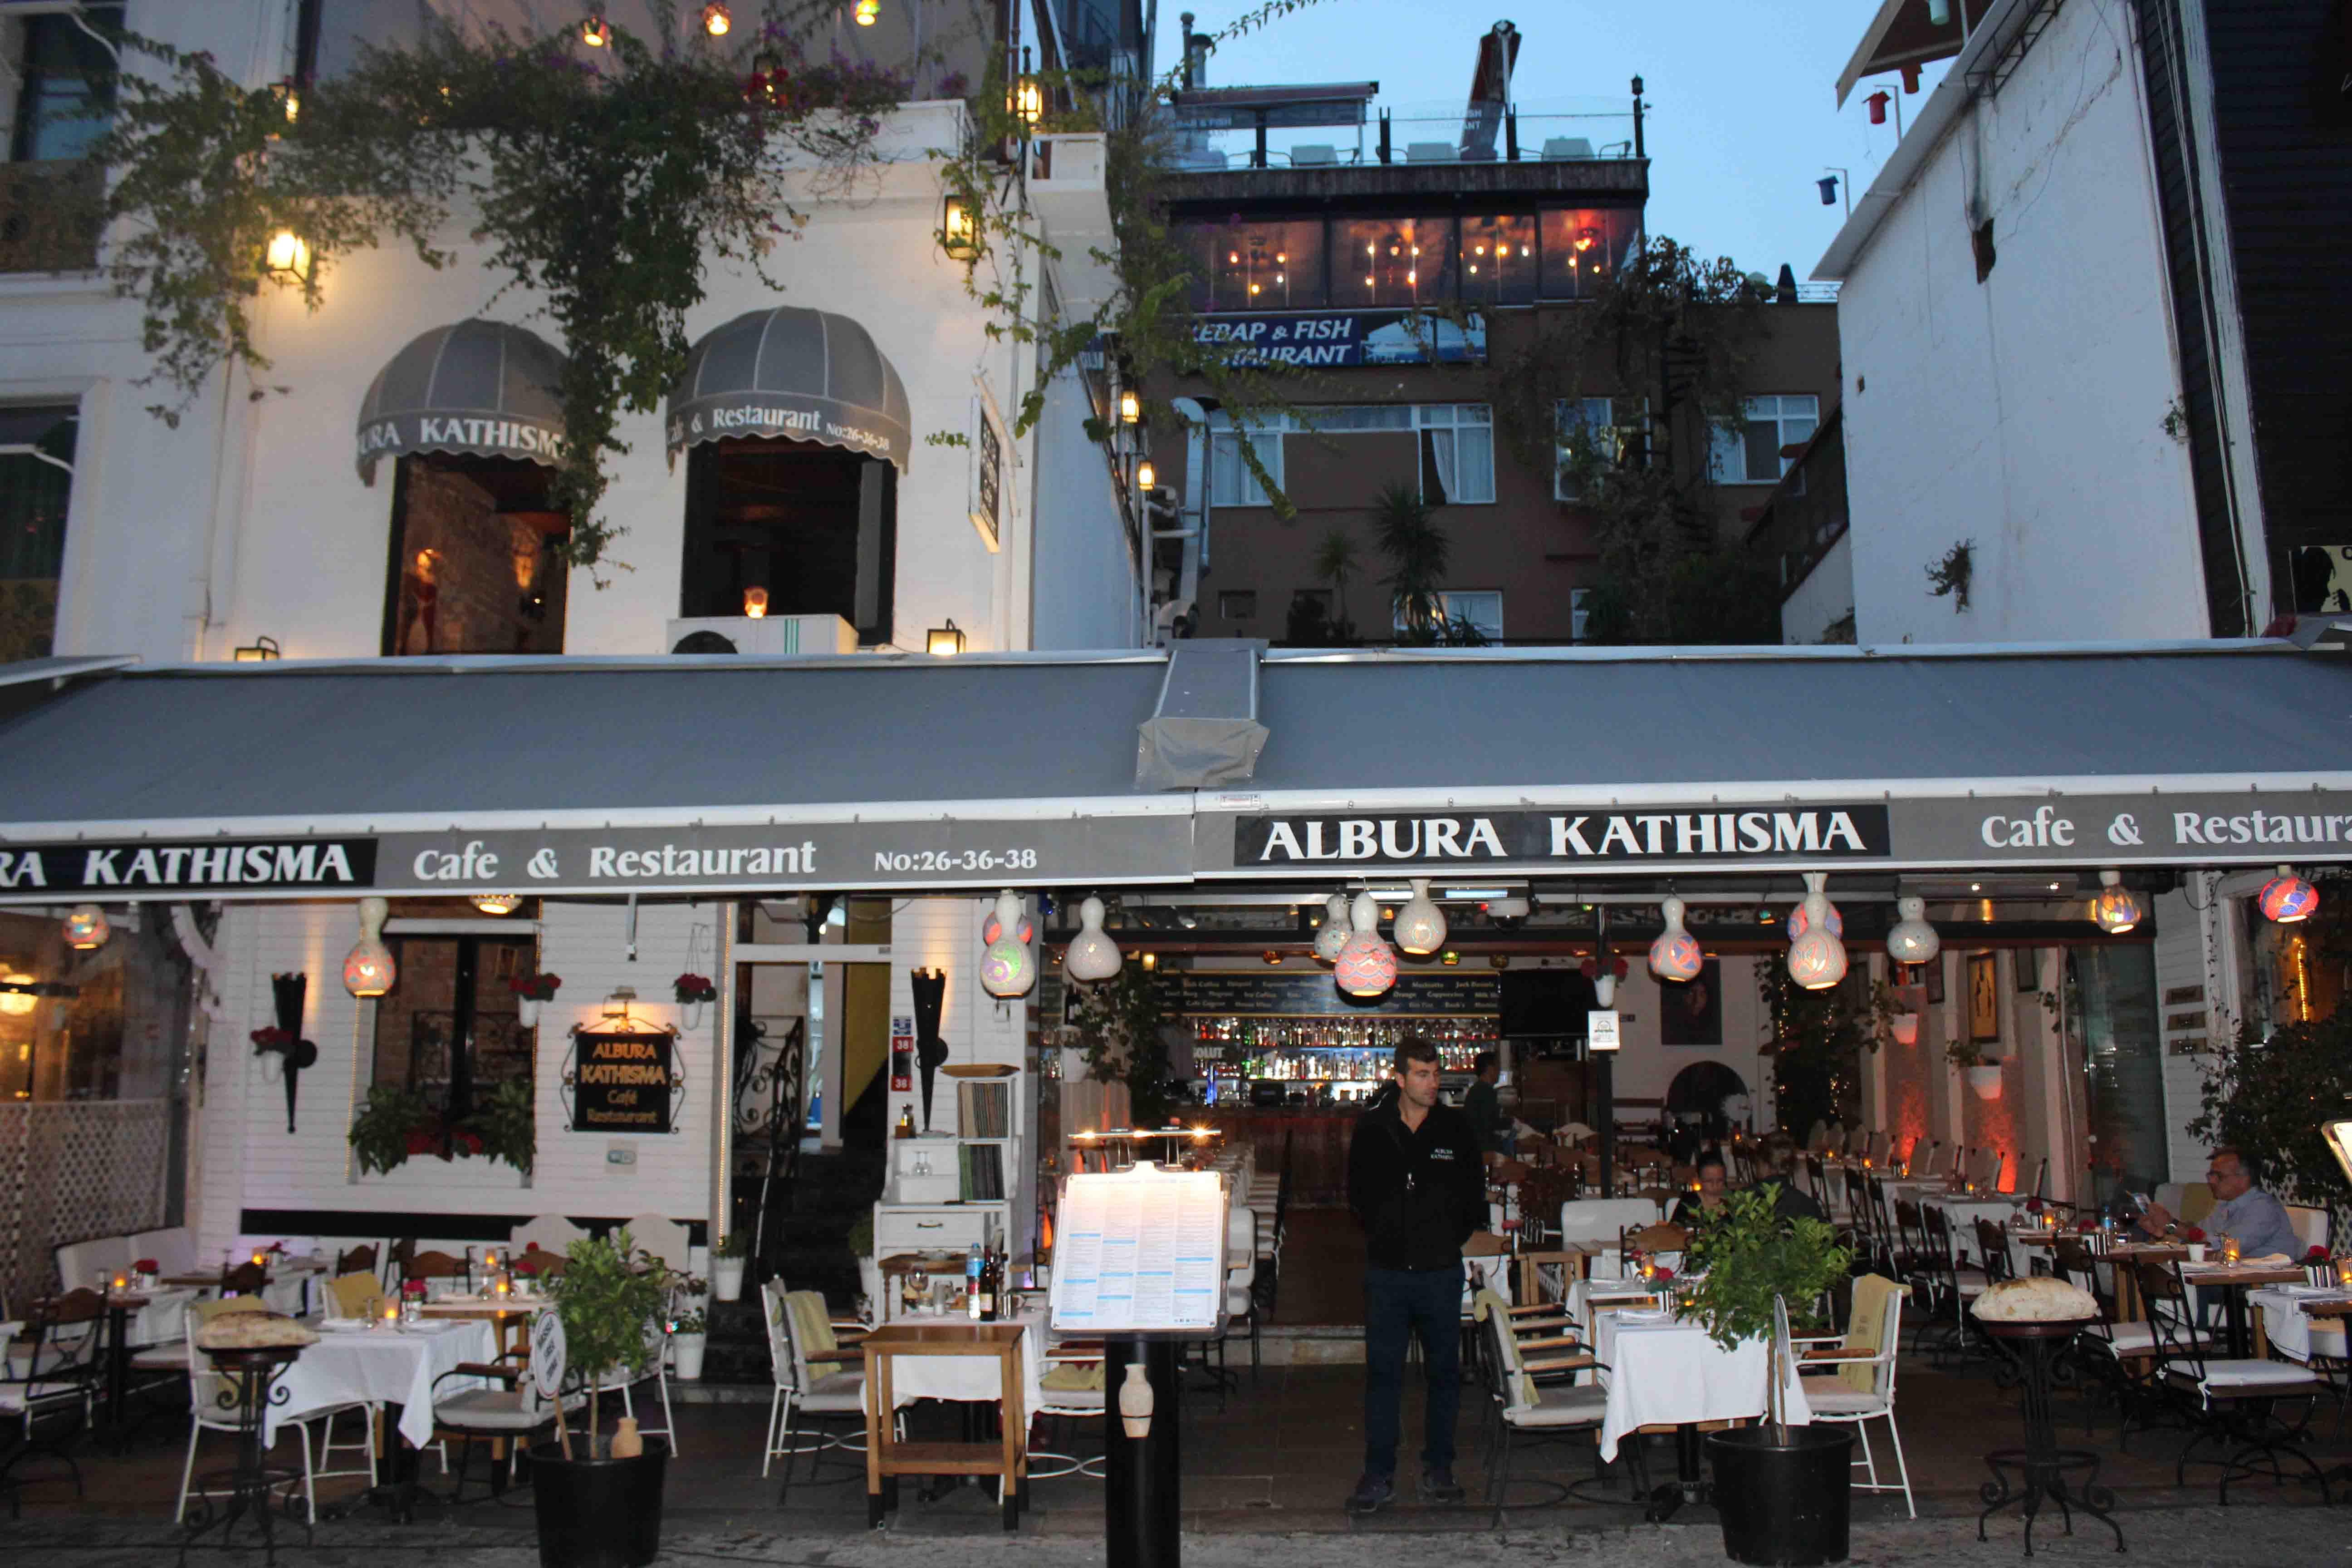 http://www.alburakathisma.com/images/galeri/orjinal/albura-Garden-96.jpg